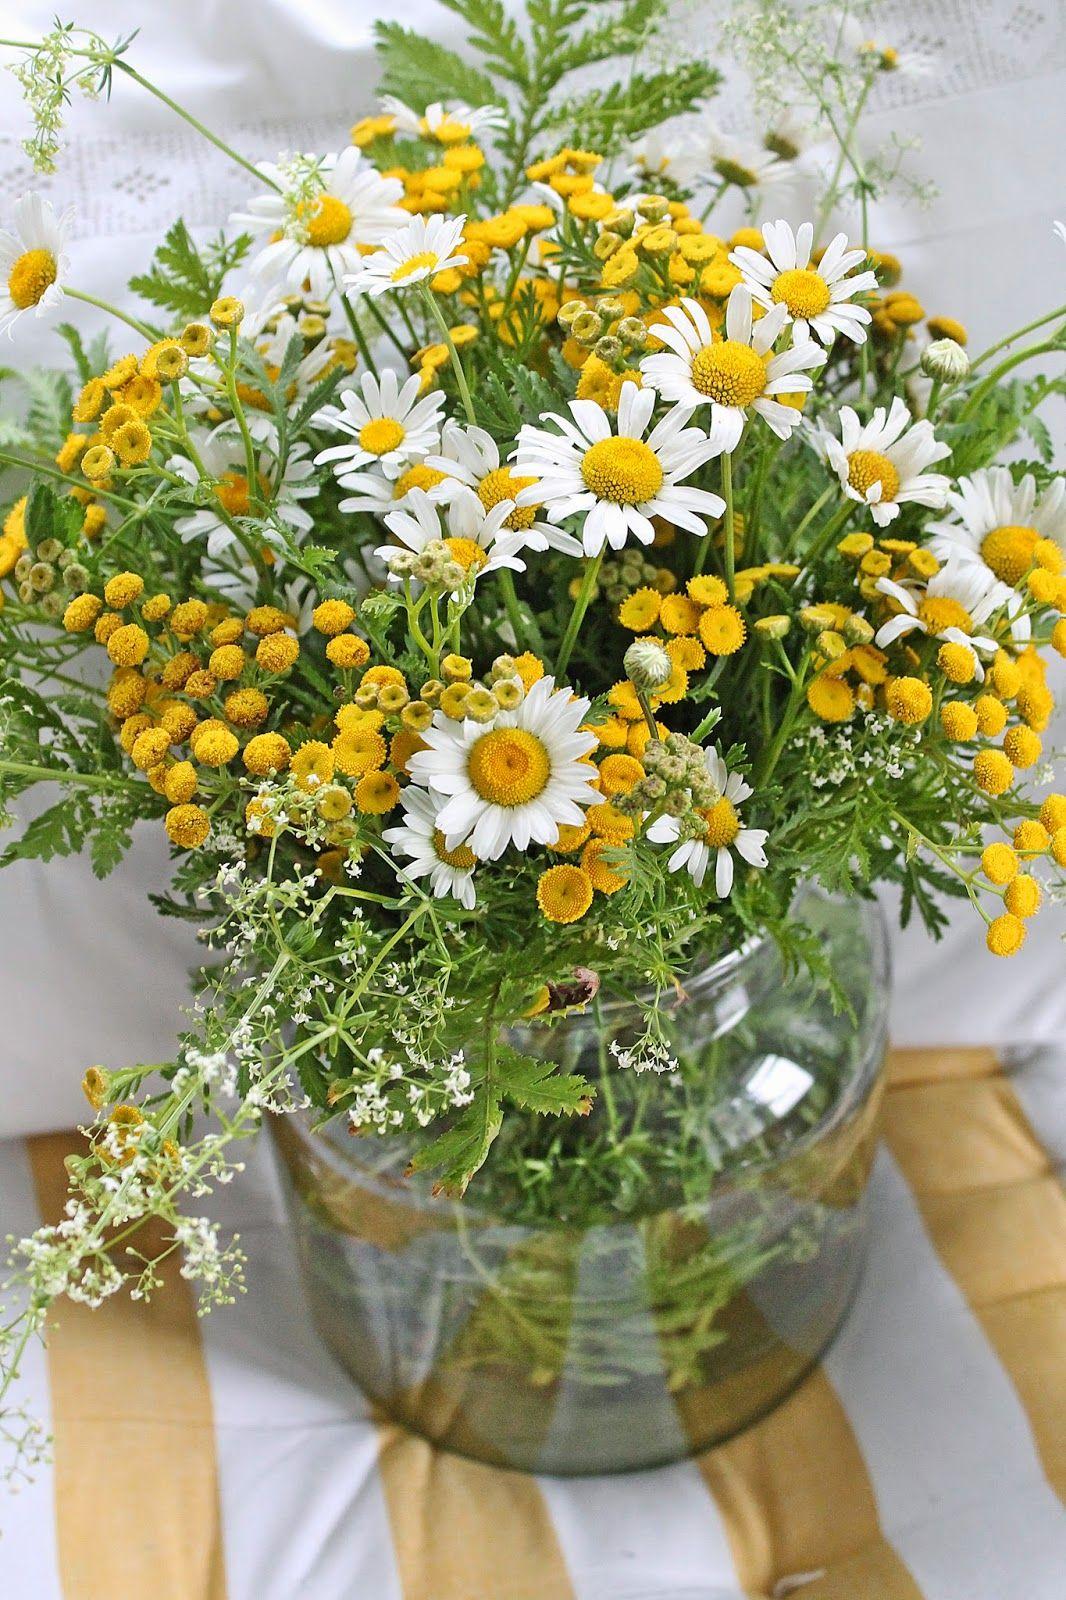 idee f r die blumen wiesenblumen wie kamile blumenschmuck hochzeit pinterest wiesenblumen. Black Bedroom Furniture Sets. Home Design Ideas